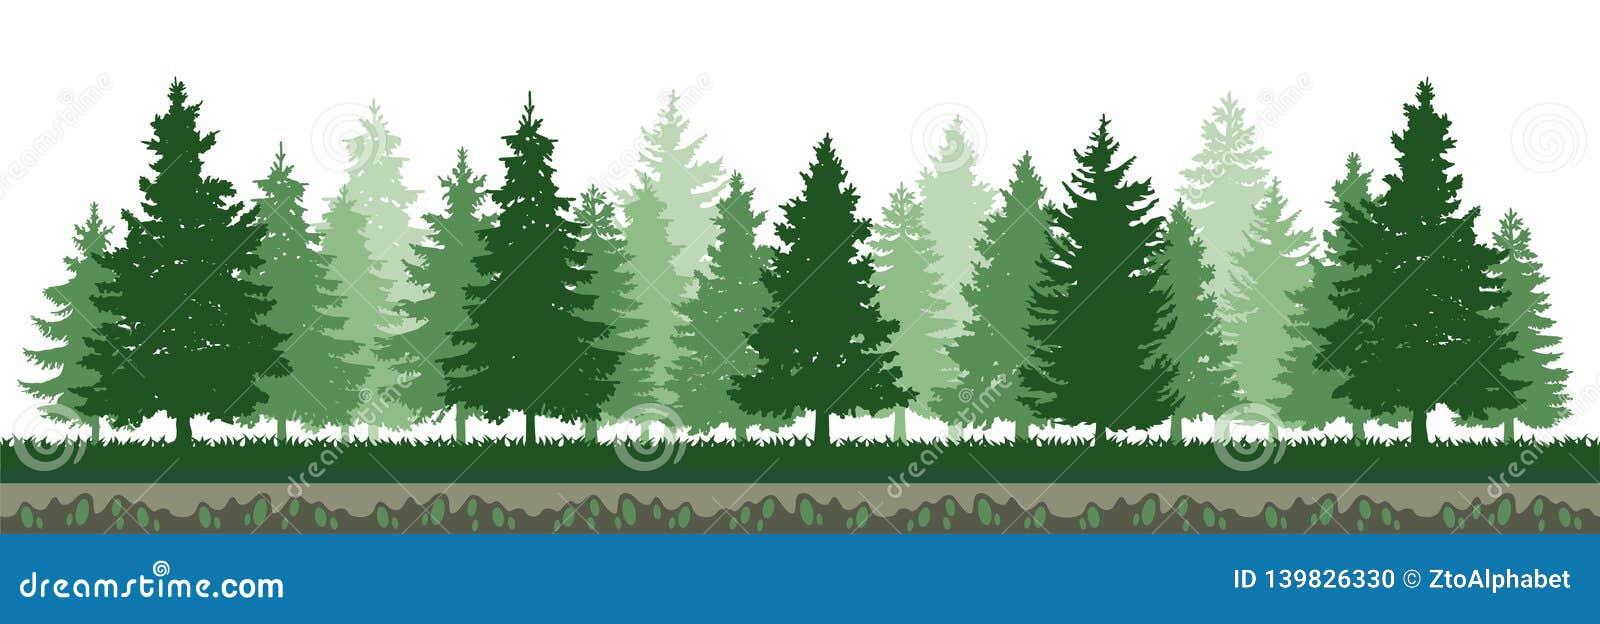 Πράσινο δασικό περιβάλλον δέντρων πεύκων